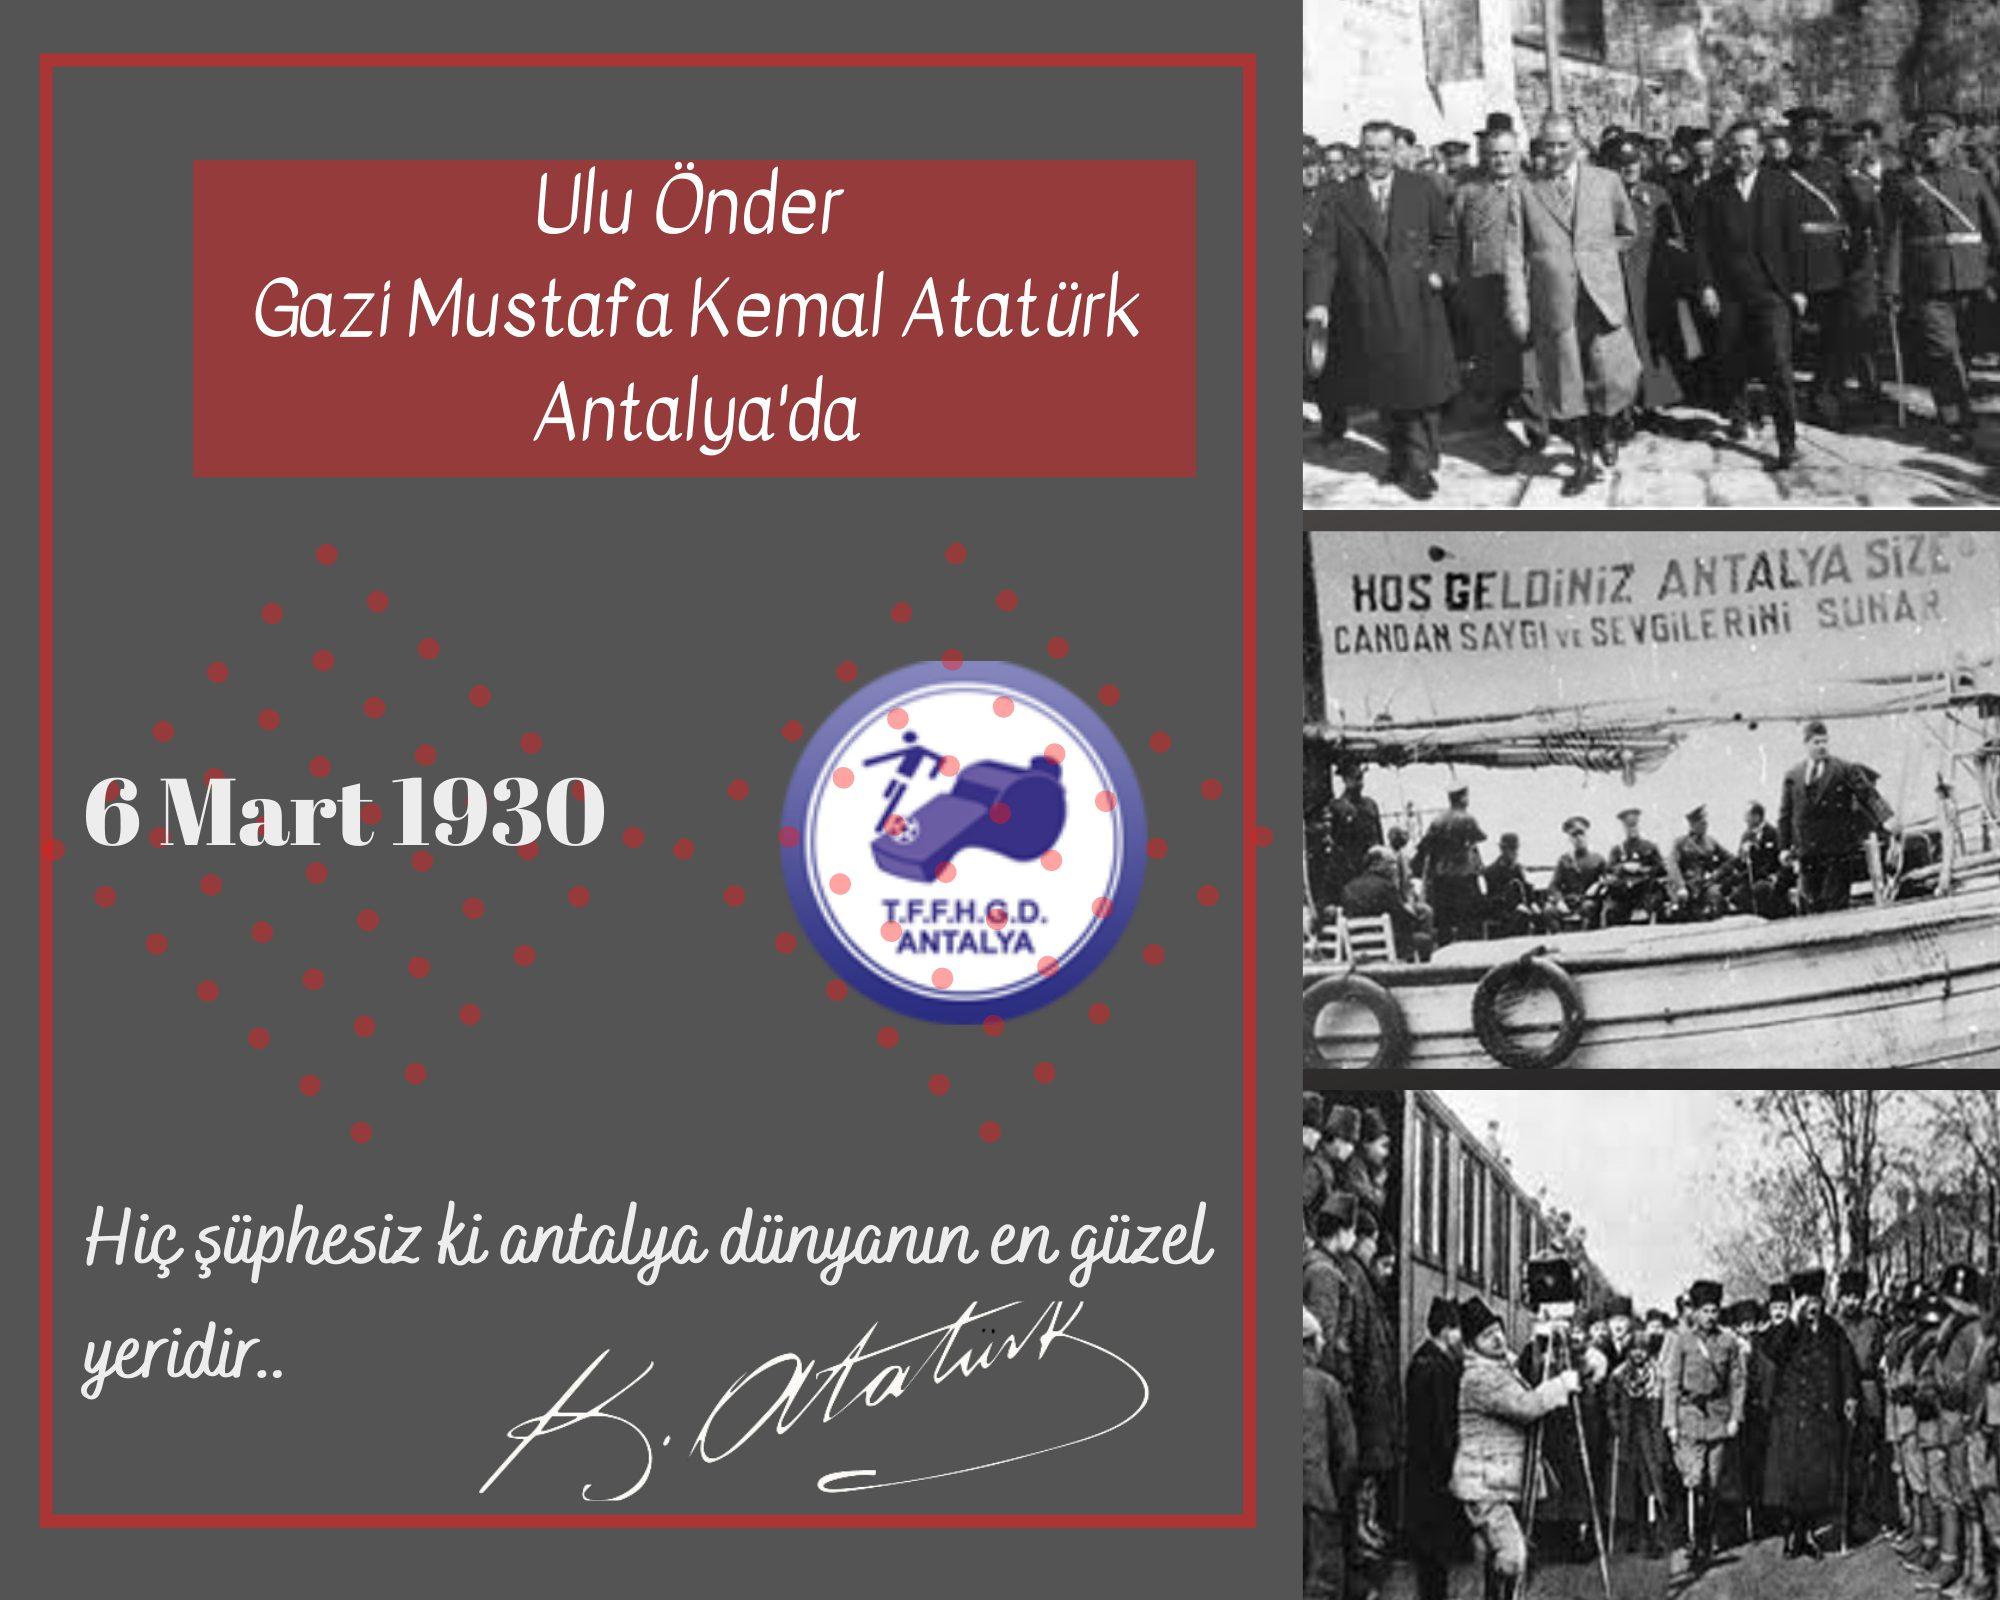 Atatürk'ün Antalyaya Gelişinin 91. Yıldönümü